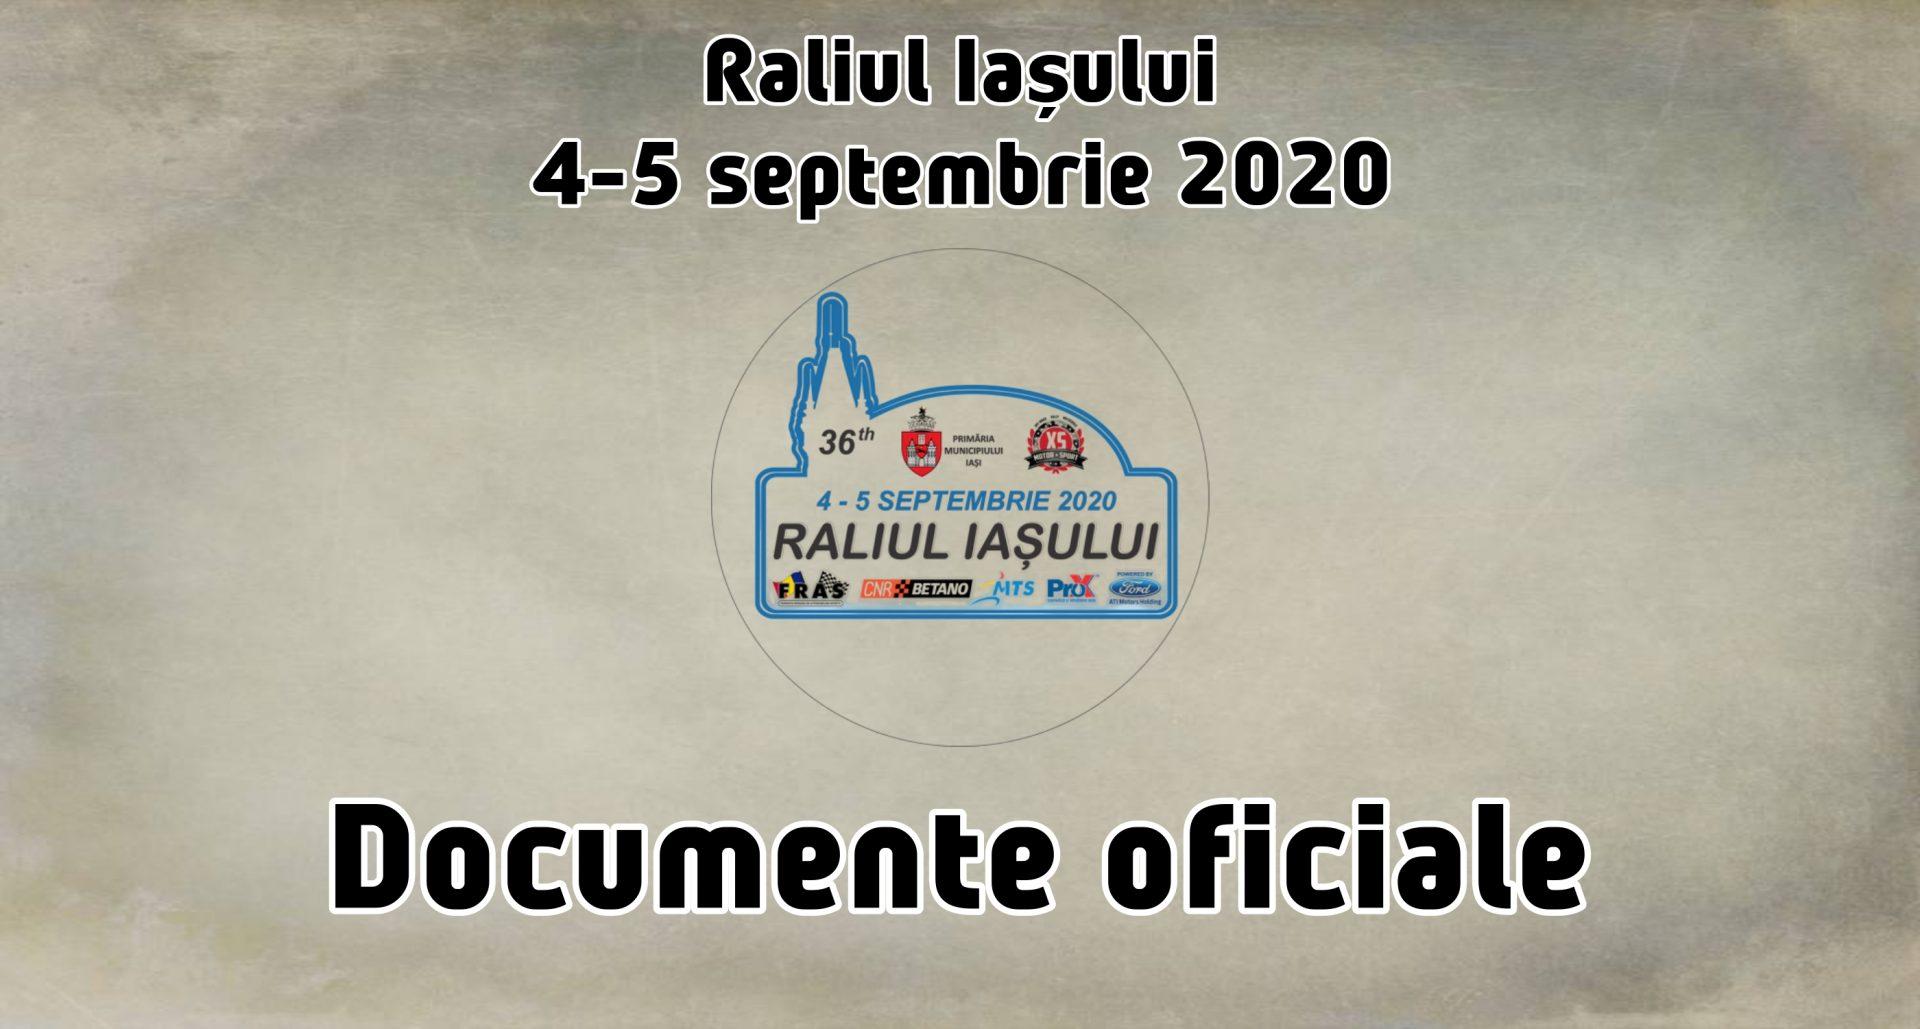 Documente oficiale Raliul Iașului 2020